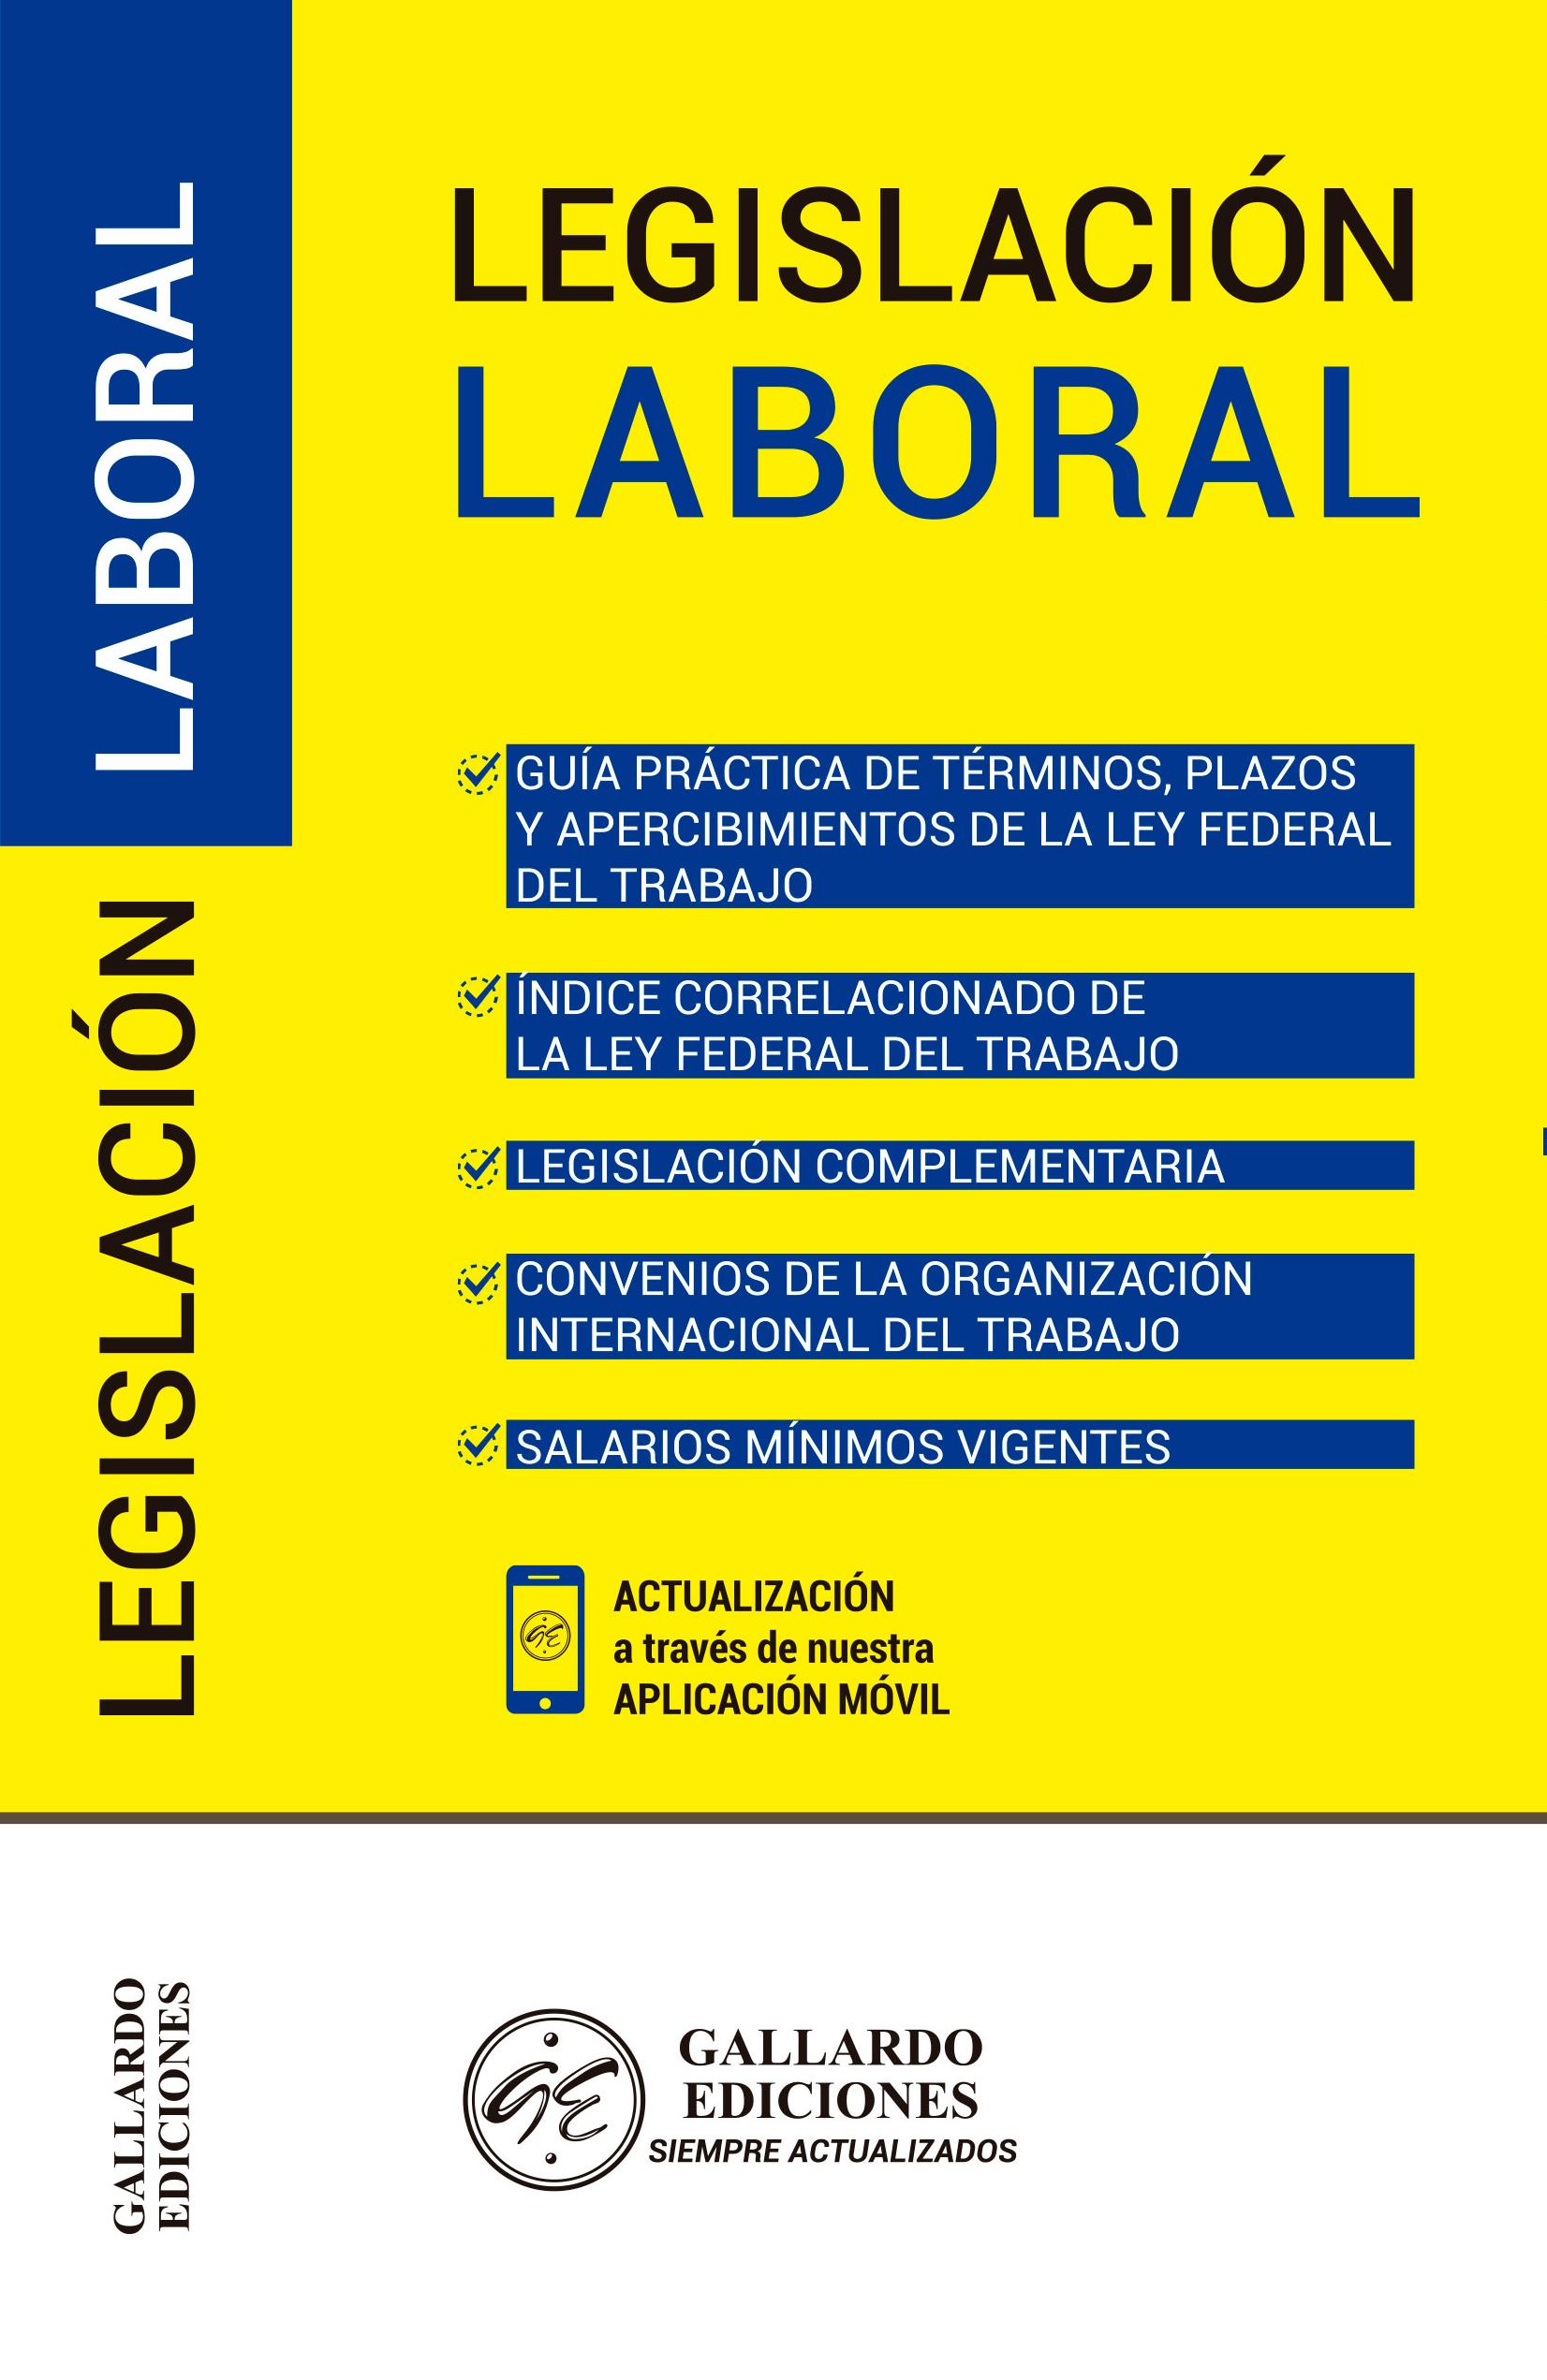 Legislación Laboral 2019